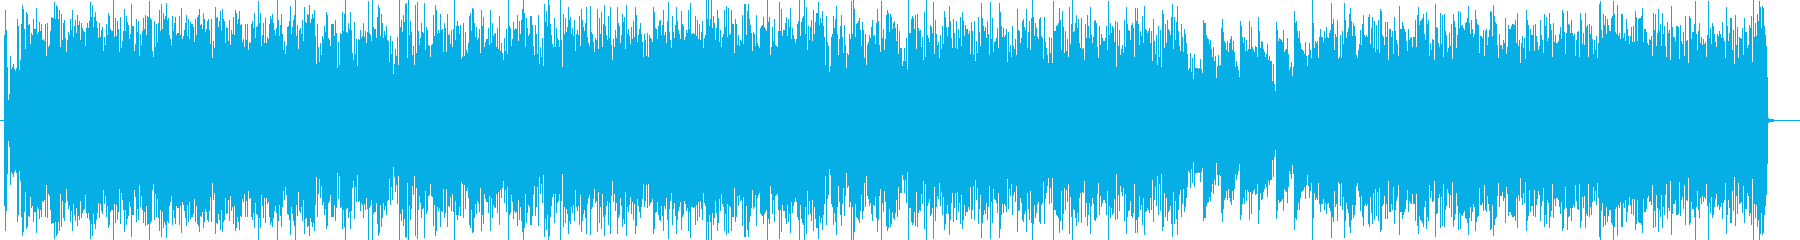 ミステリアス感のシンセ・ピアノテクノ系の再生済みの波形